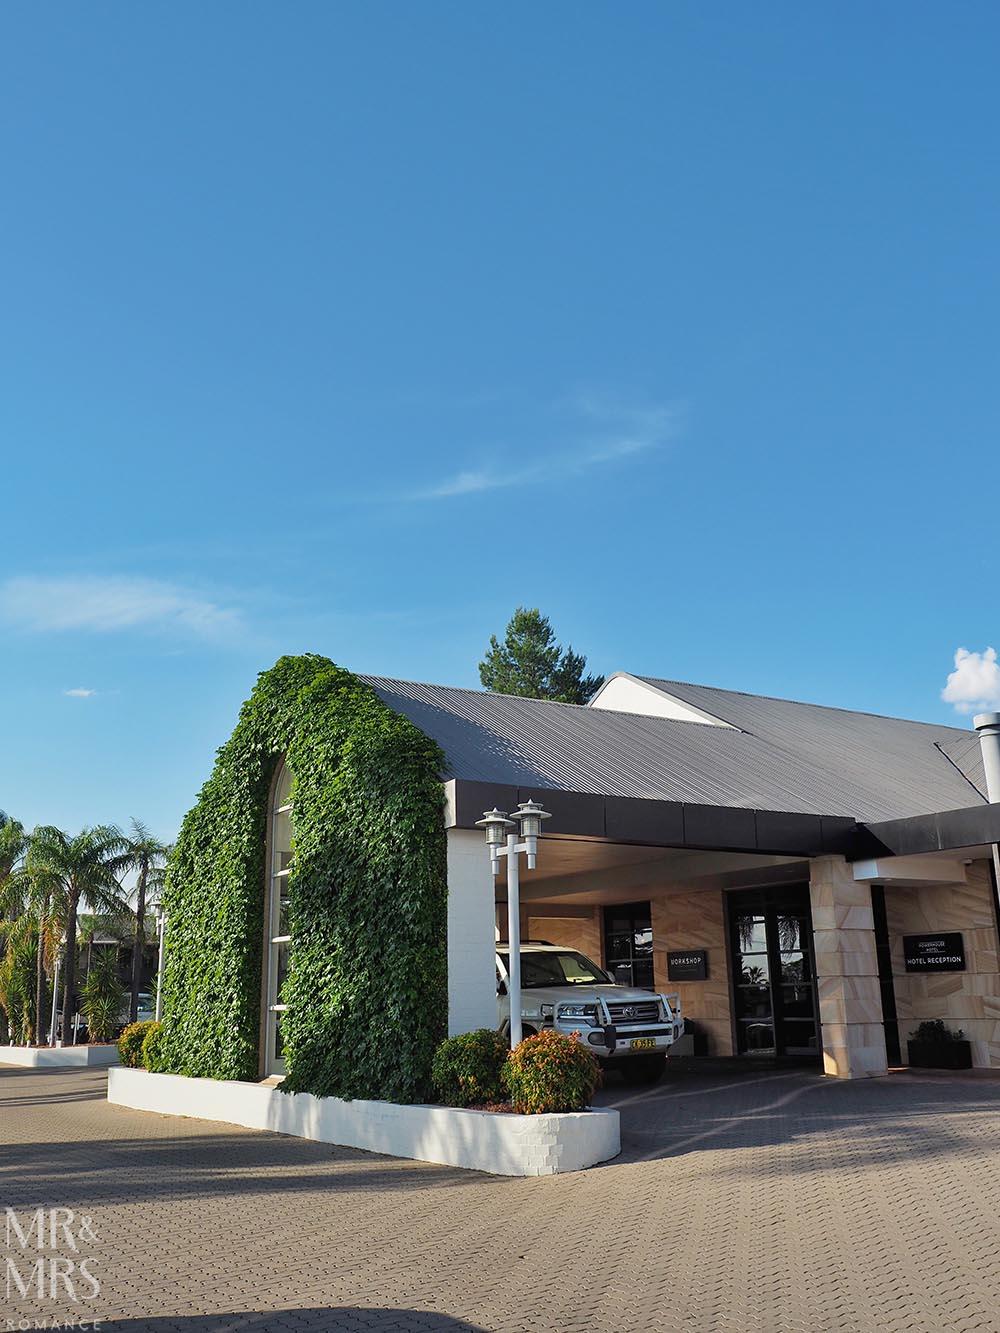 Workshop Kitchen at Powerhouse Hotel Tamworth - best steak in Australia - entrance to restaurant